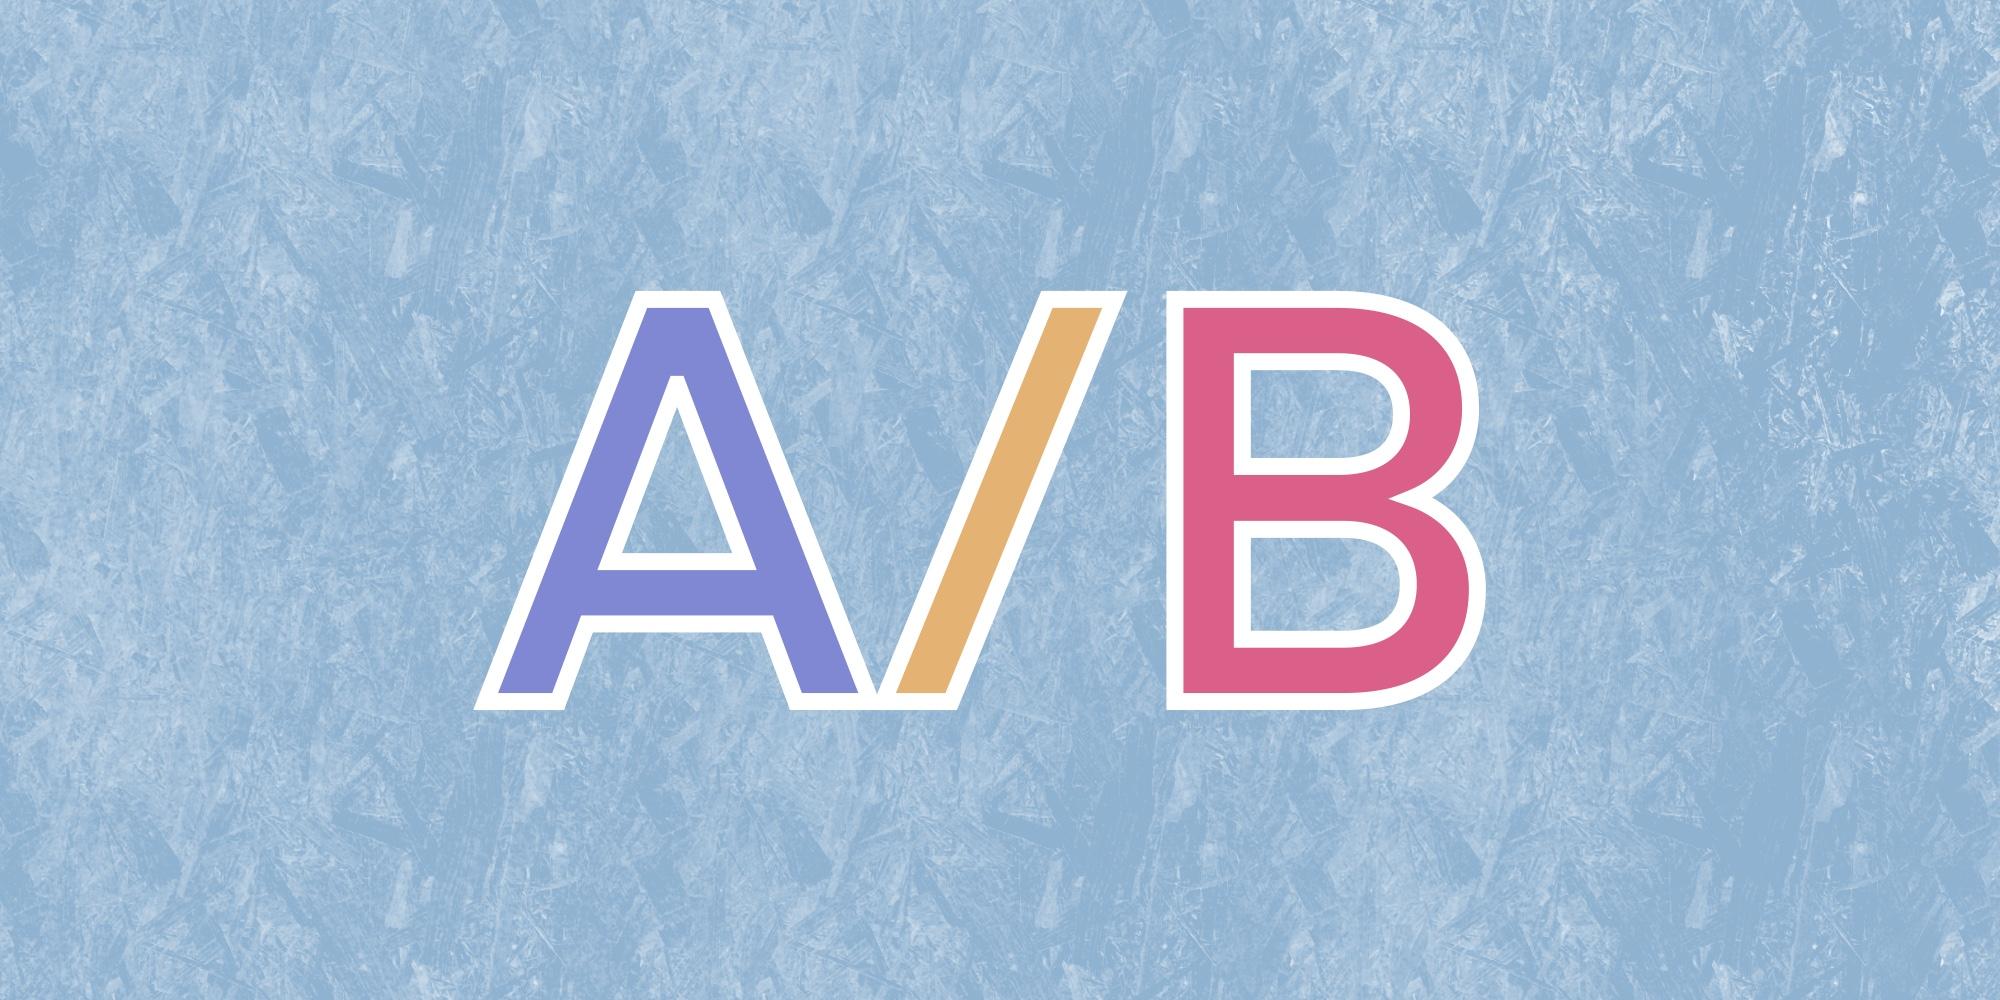 К статистике относят анализ временных рядов и А/В тестирование. A/B testing или split testing – это маркетинговый метод исследования, при котором сравнивают контрольную группу элементов с наборами тестовых групп с измененными параметрами, чтобы определить, какие факторы улучшают целевые показатели.